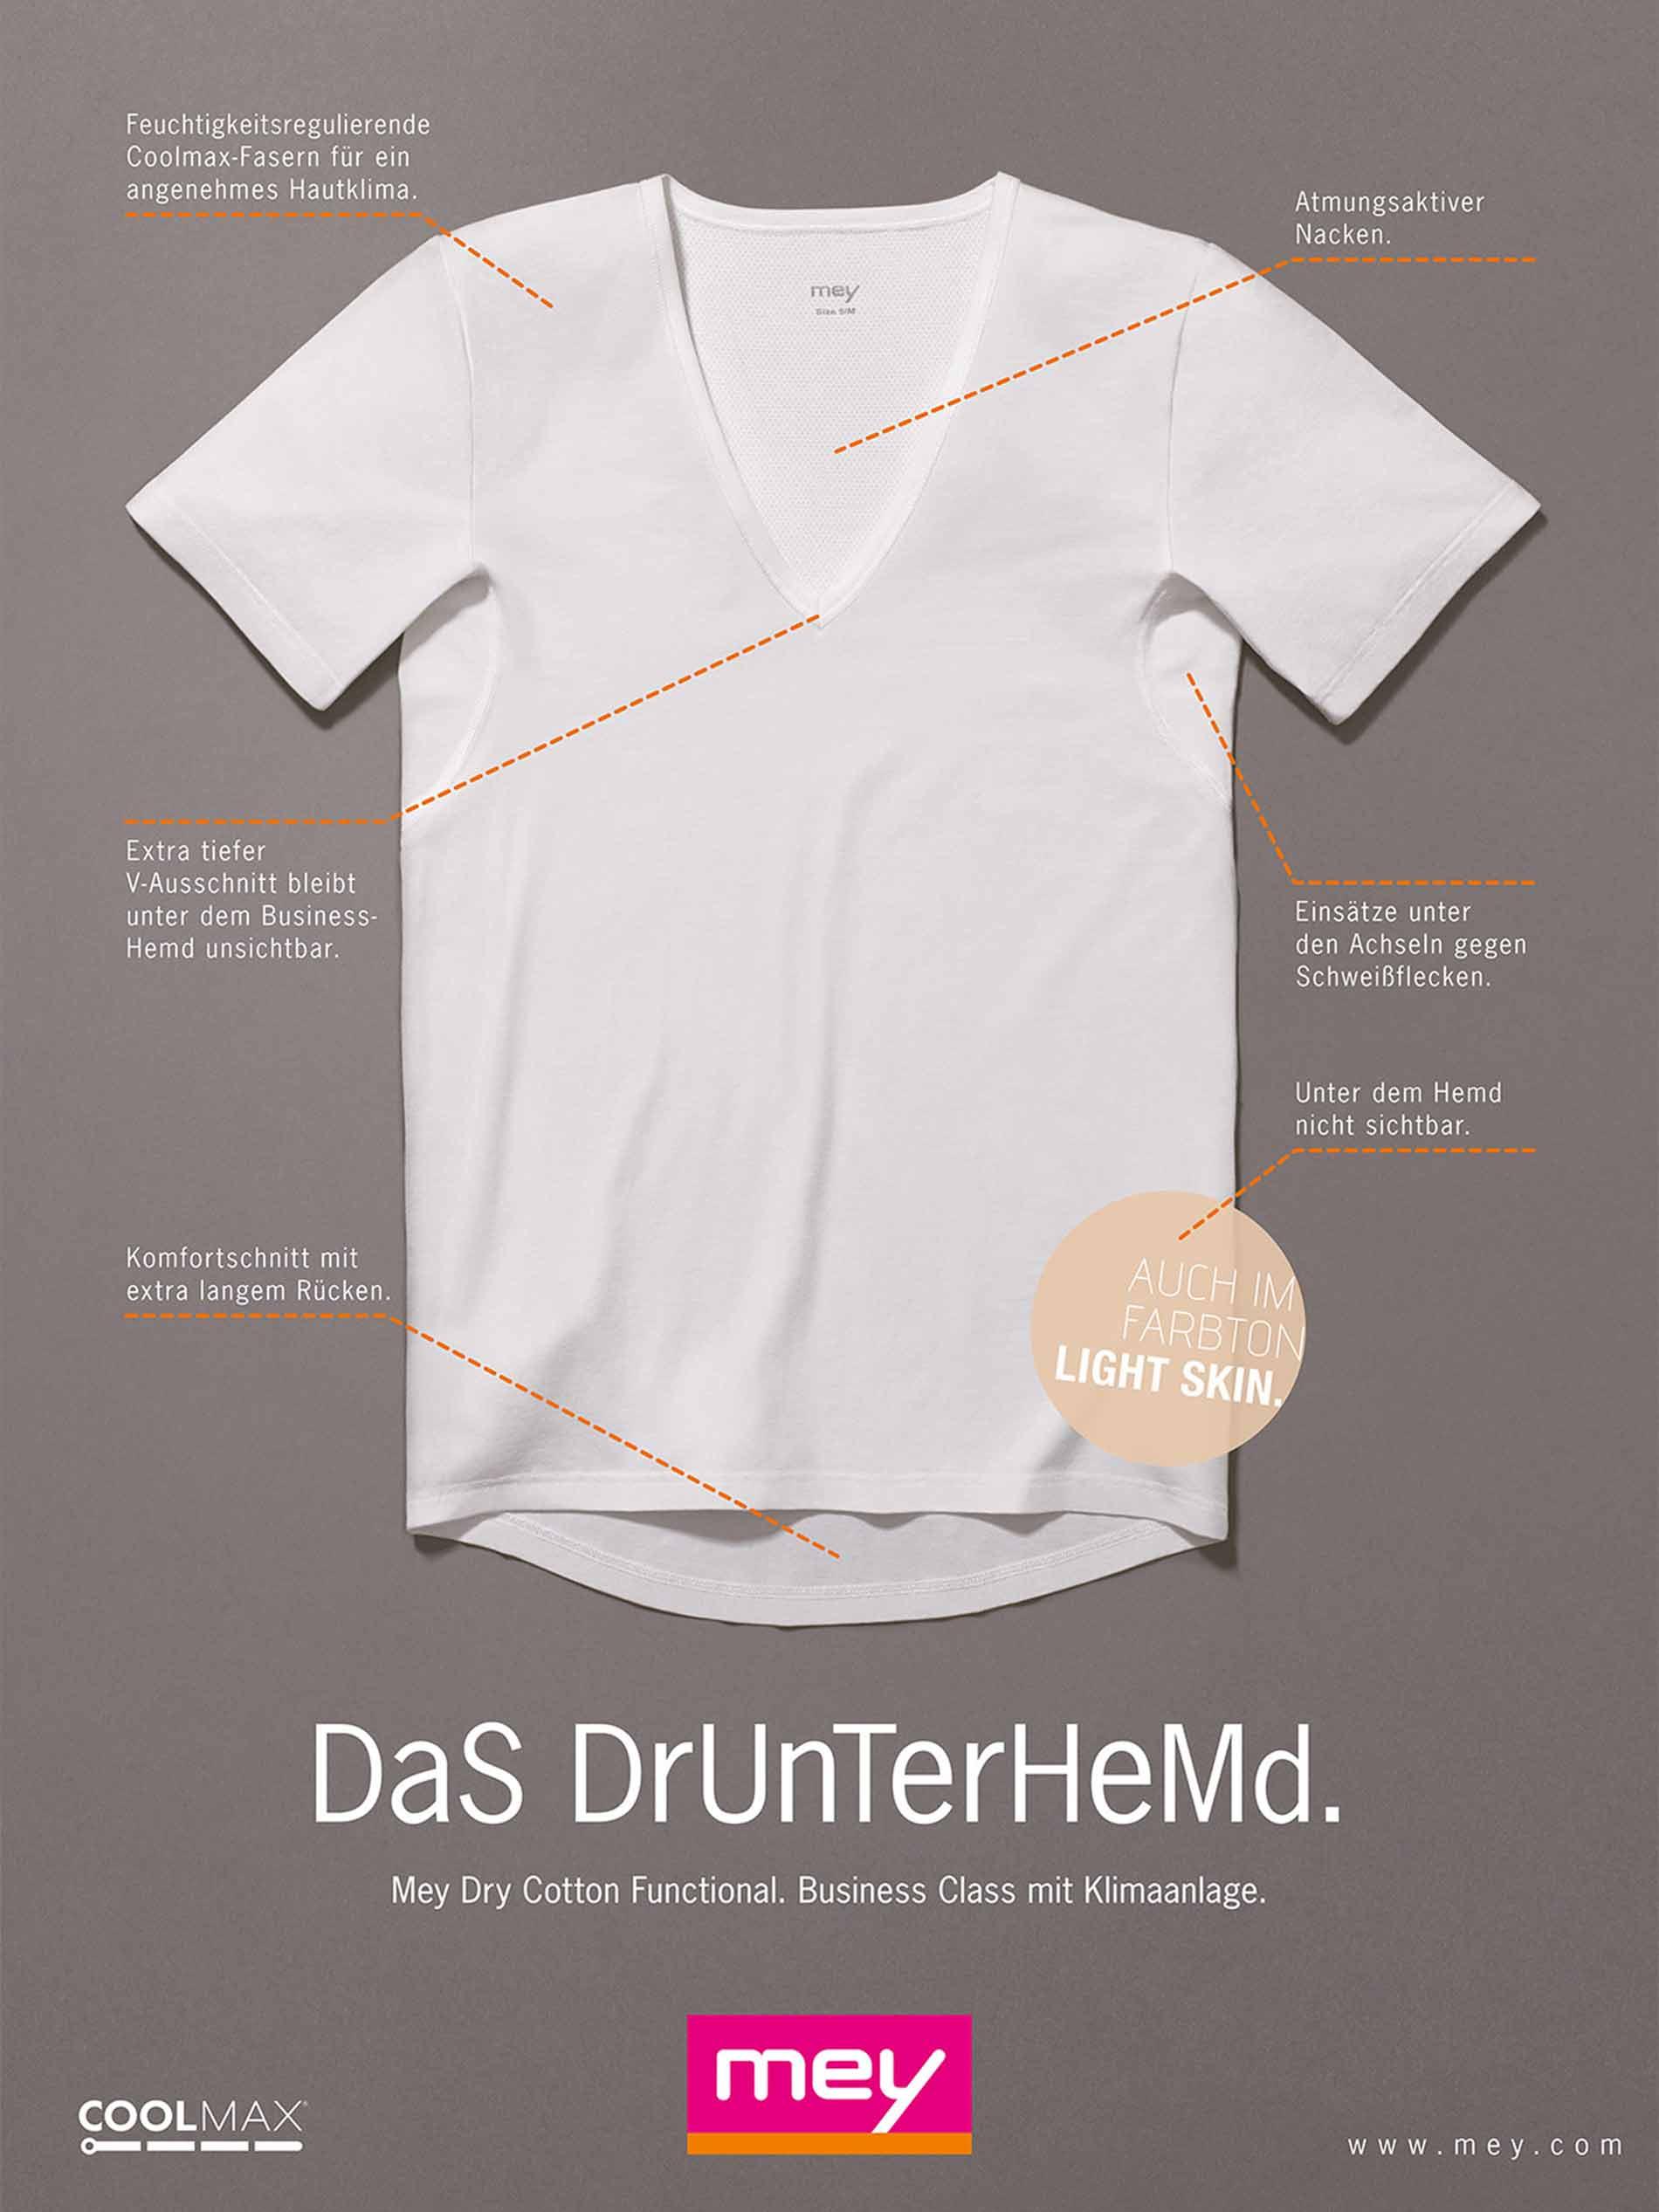 mey® Anzeige für das Drunterhemd: Innovation für den Business-Mann, keine Schweißflecken und keine Geruchsbildung unter dem Hemd, Darstellung des Unterhemds mit Vorteilen